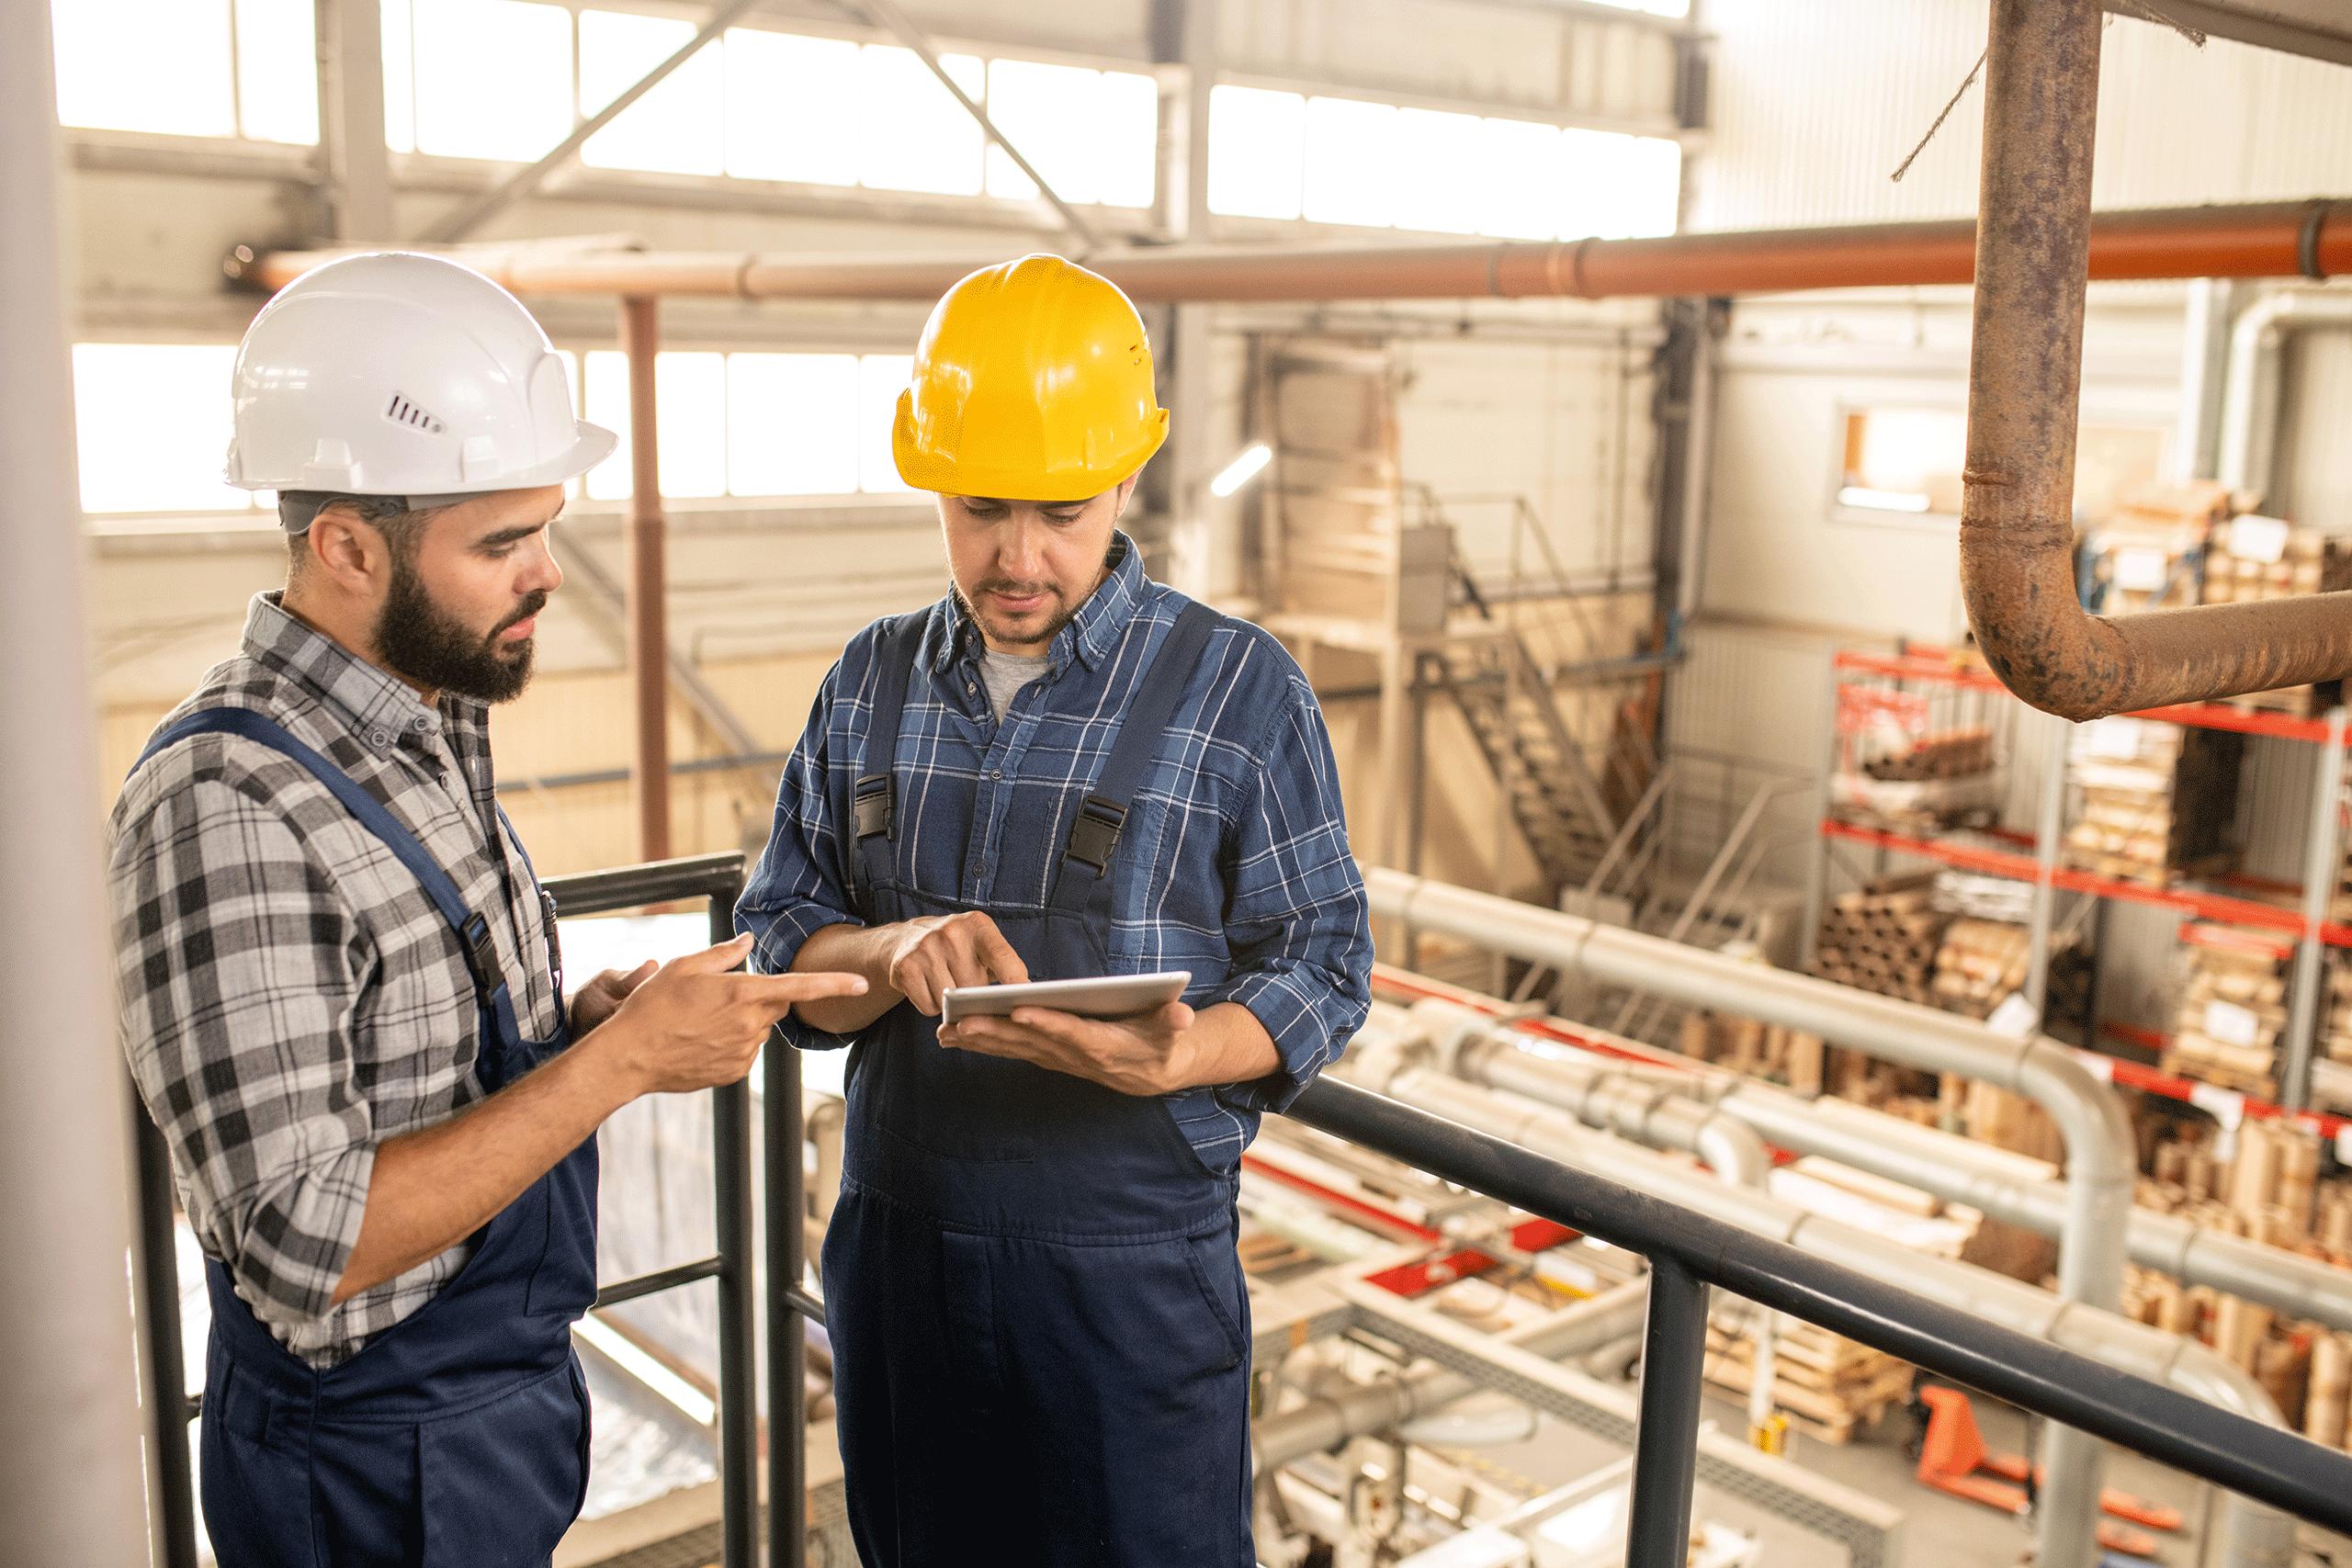 Zwei junge Ingenieure einer großen Fabrik besprechen die Reports in der JOYSTICK Software.